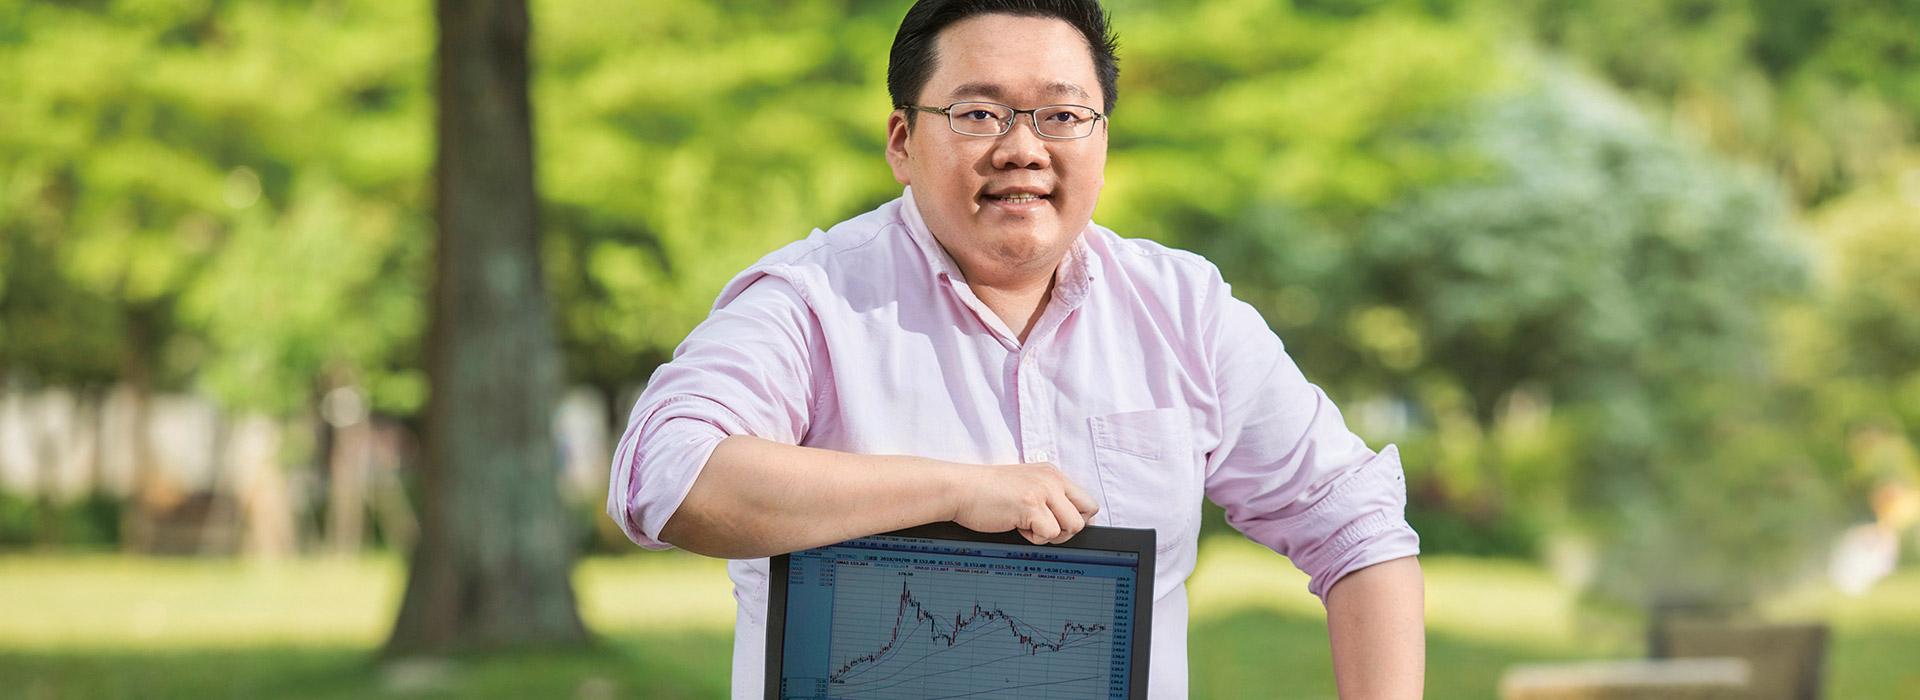 勤盯營收、獲利、毛利率 他29歲「生活選股」賺到三間房